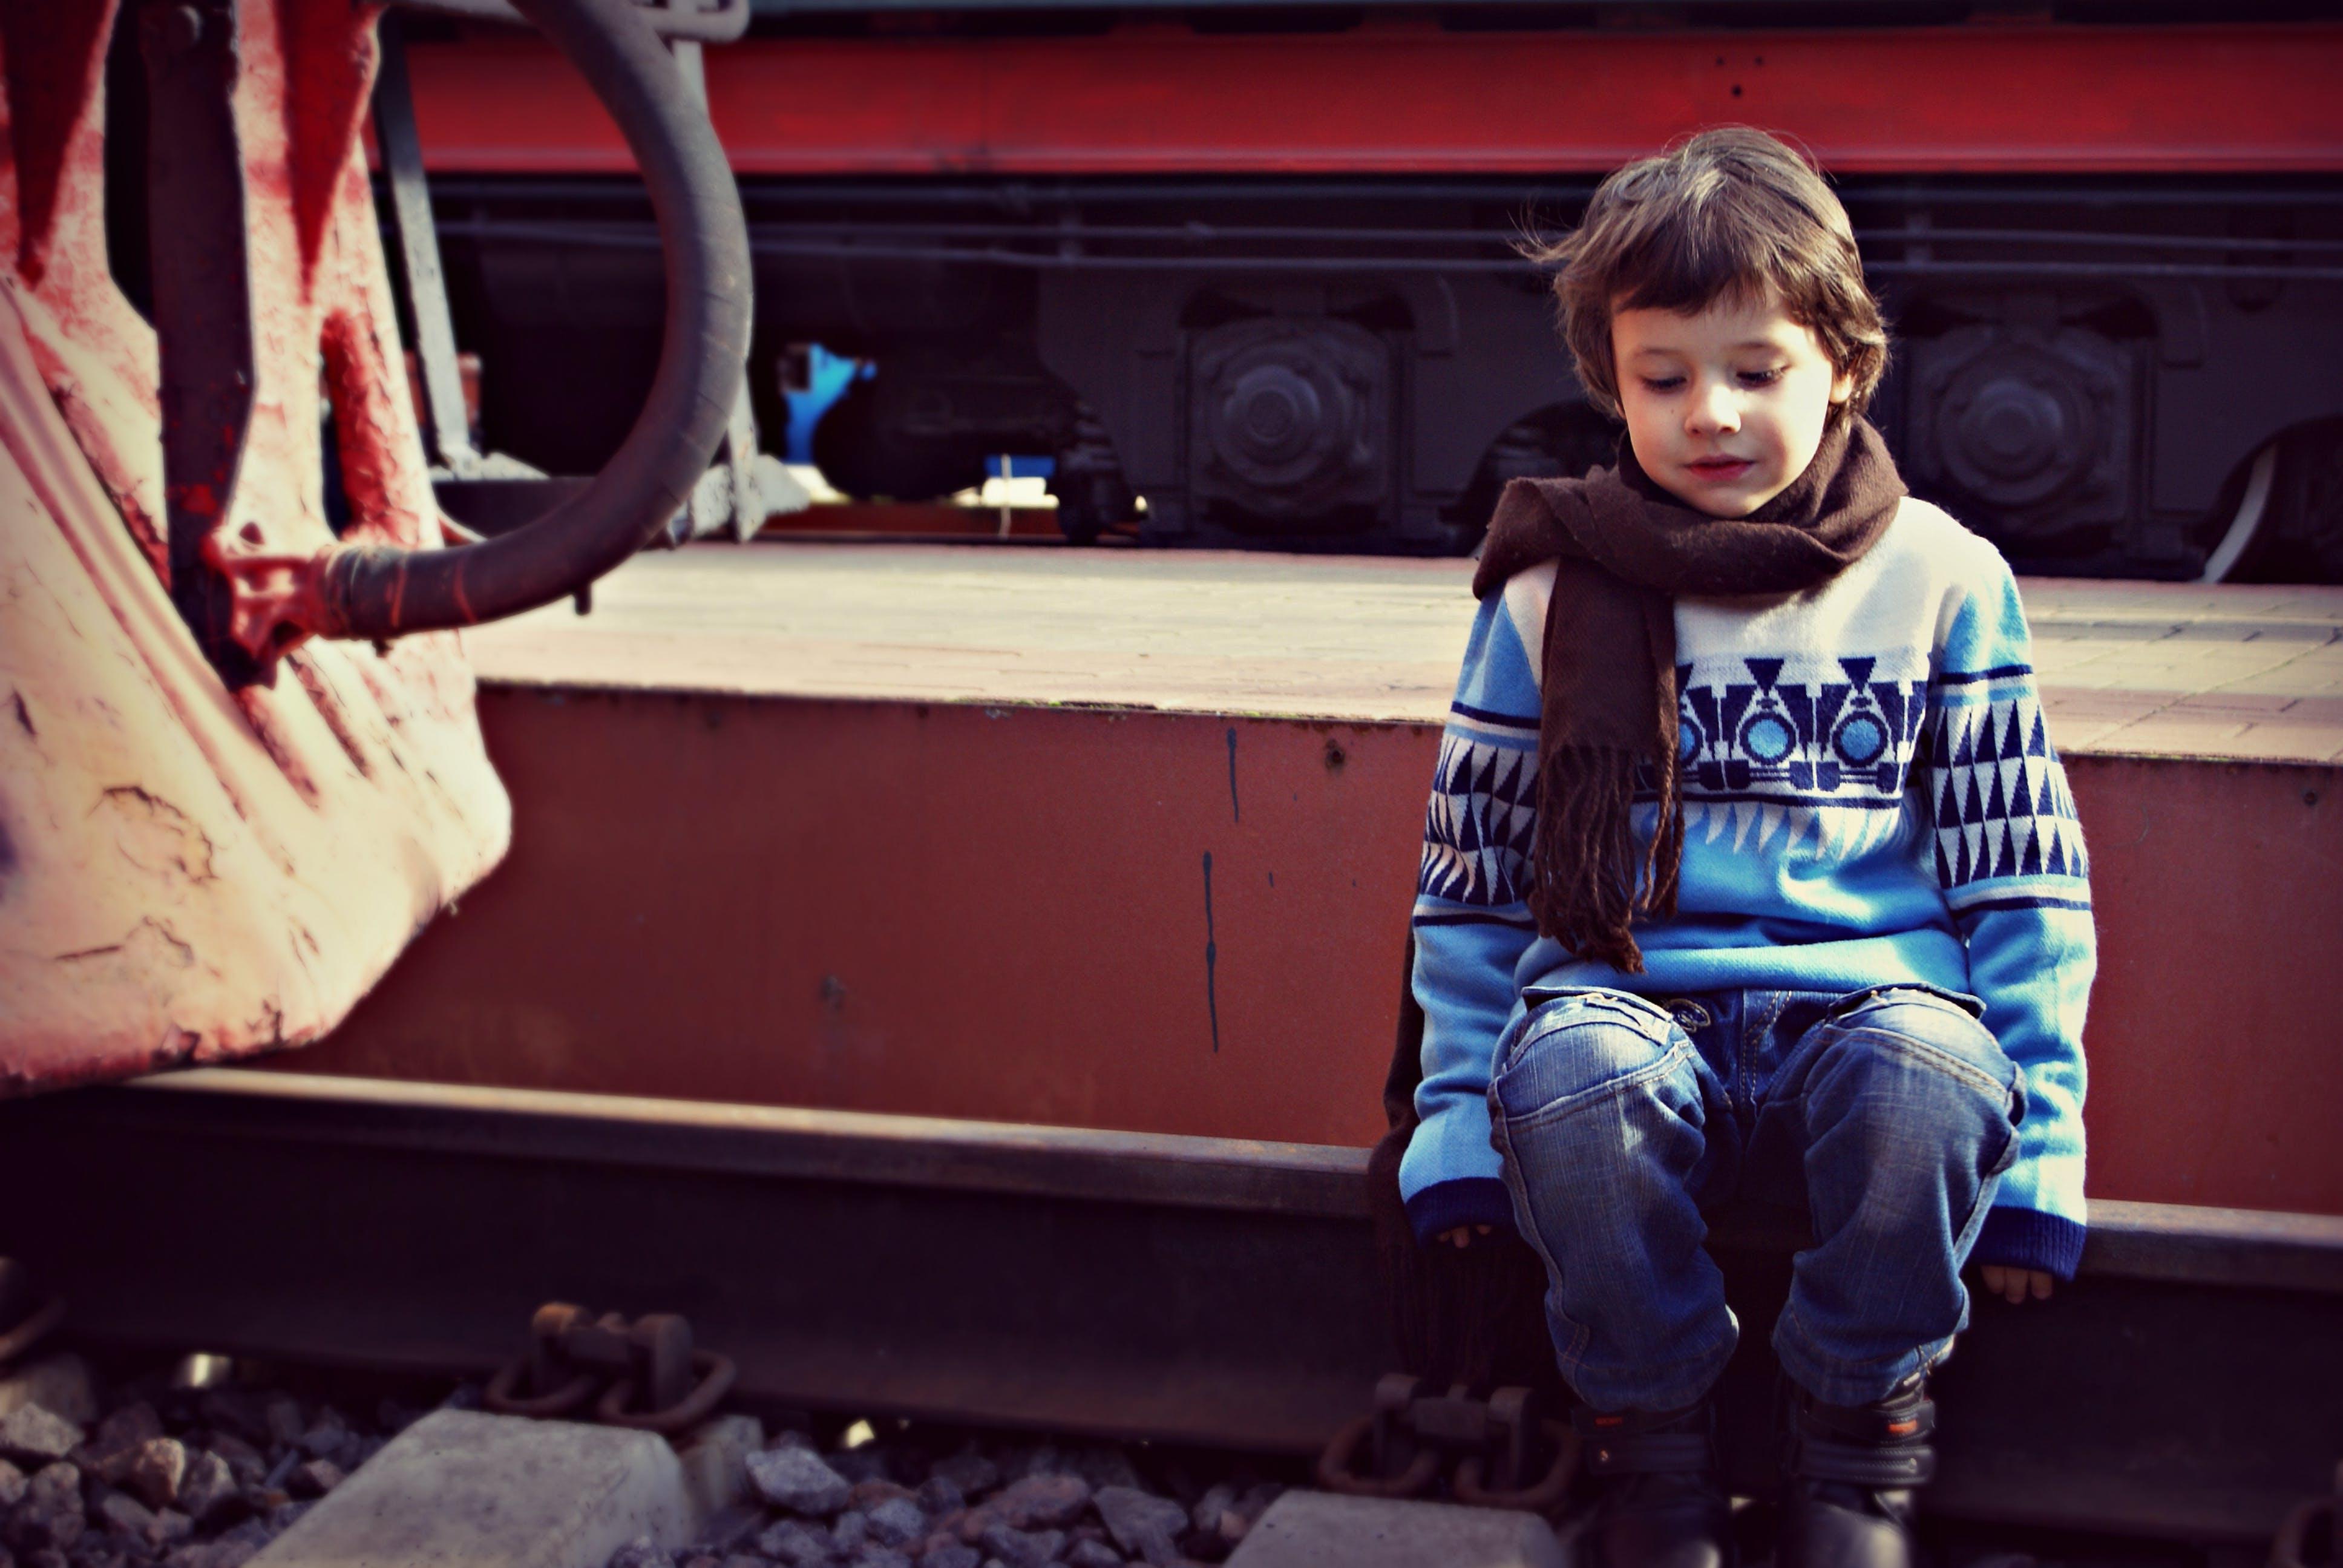 Boy Sitting on Train Rail